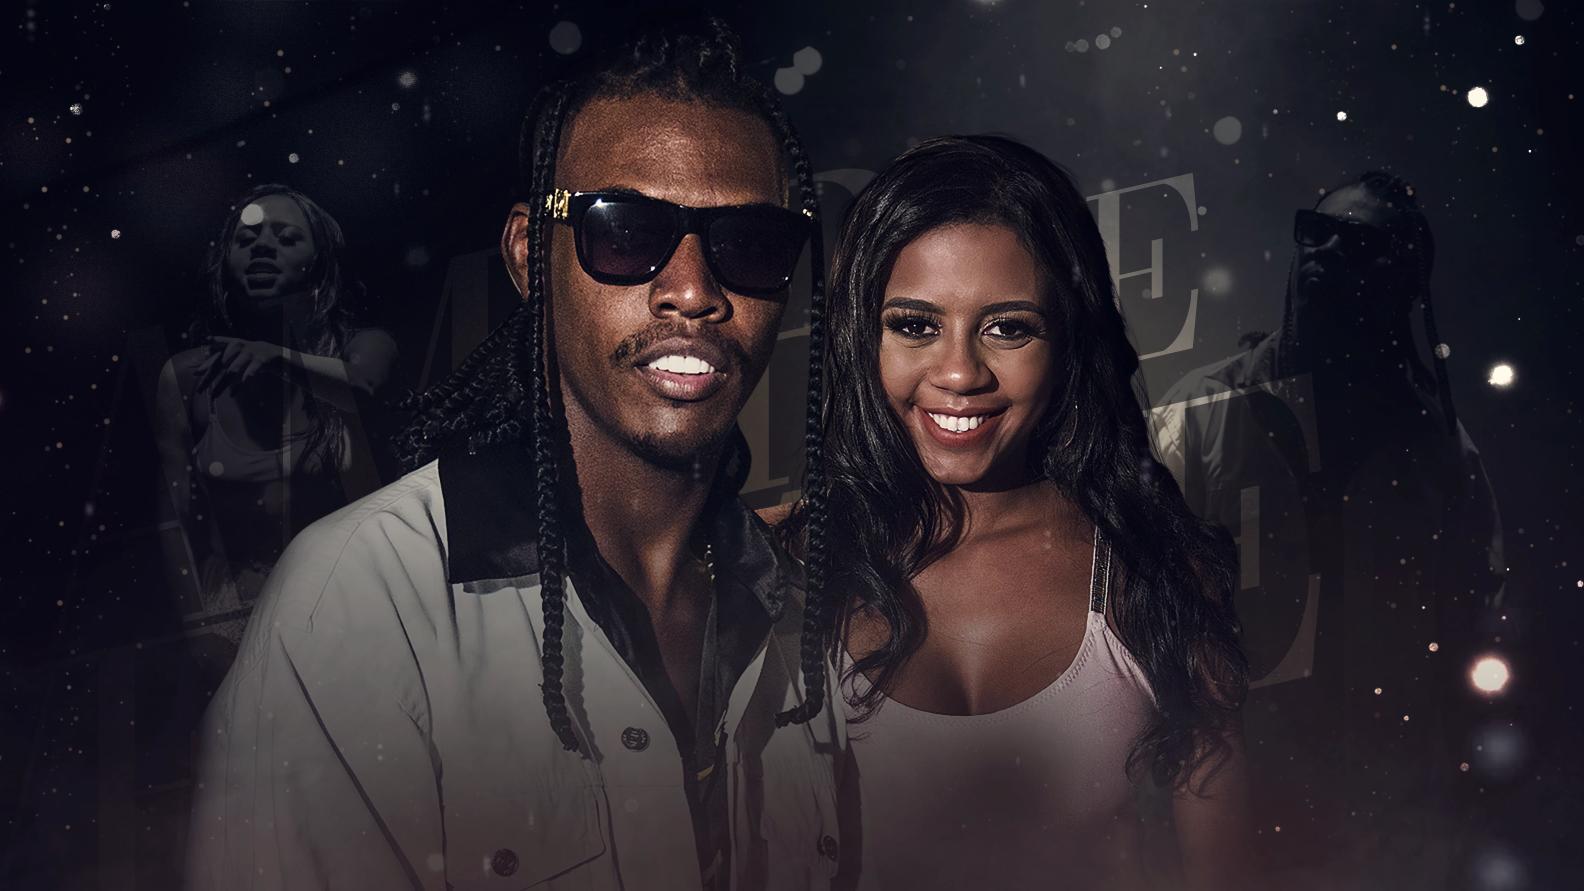 A parceria já está entre as cinco mais ouvidas do Spotify no Brasil e ganhou um clipe dirigido pelo Kondzilla.